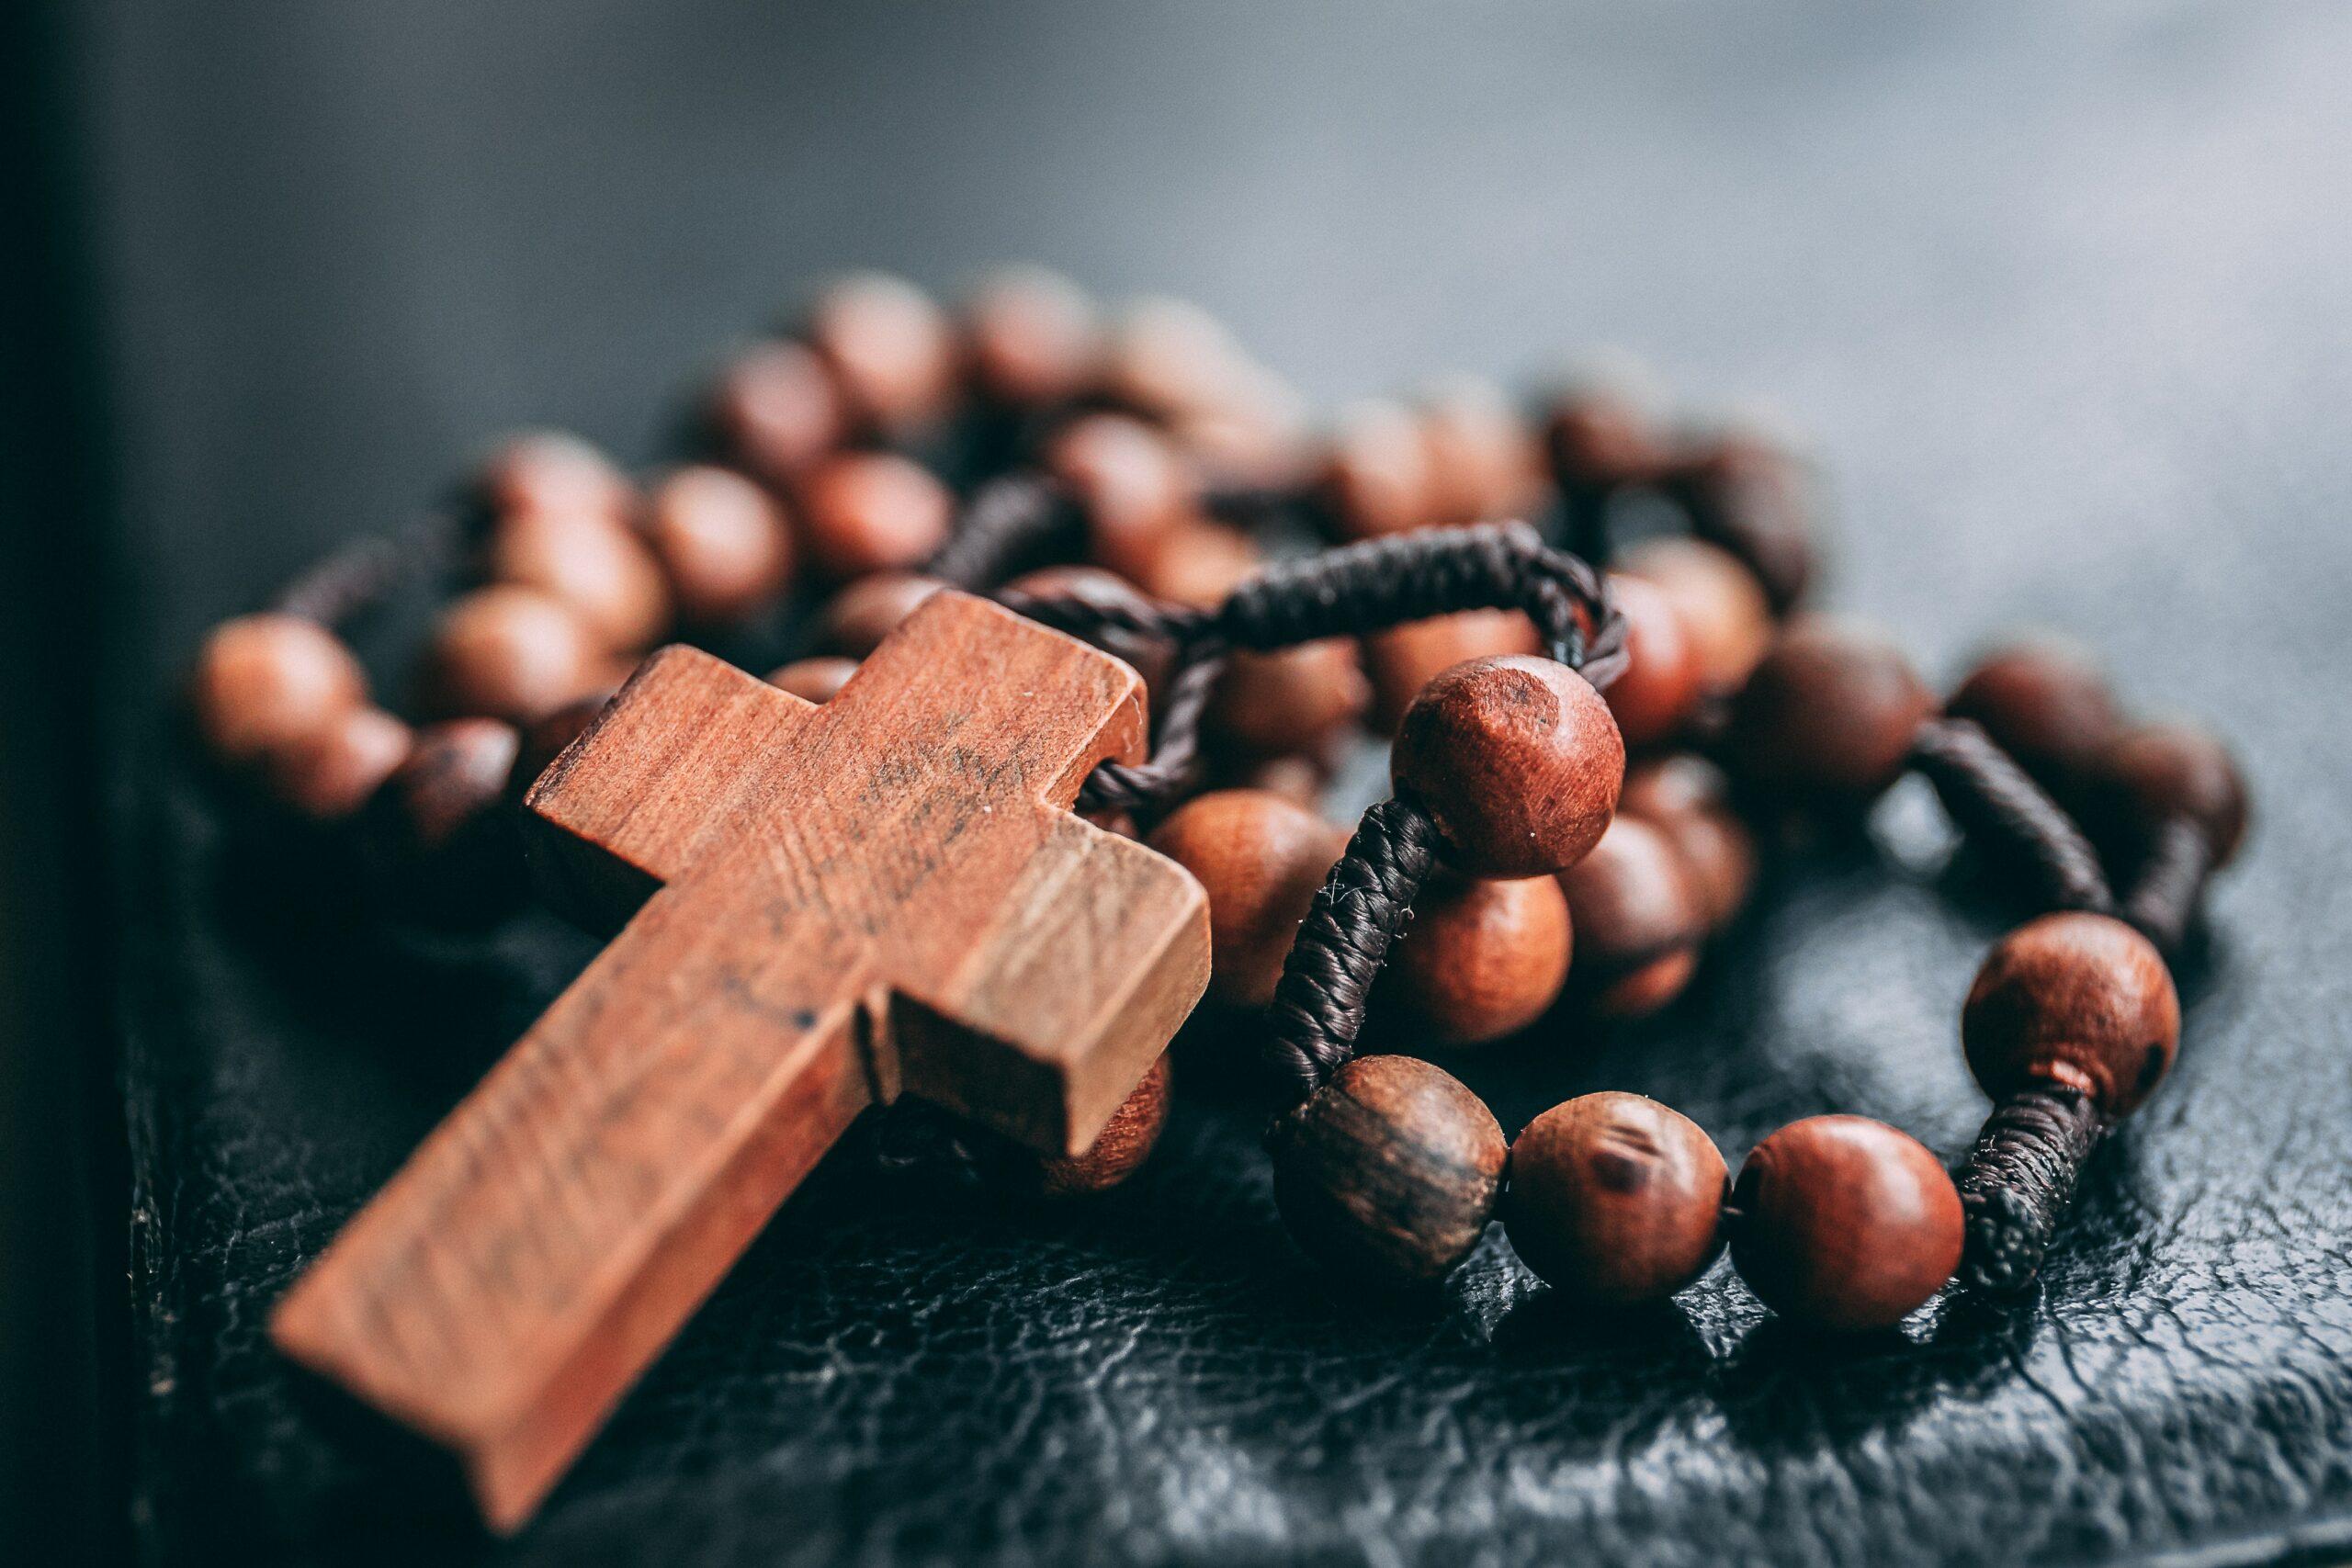 Public Square Rosary Crusade